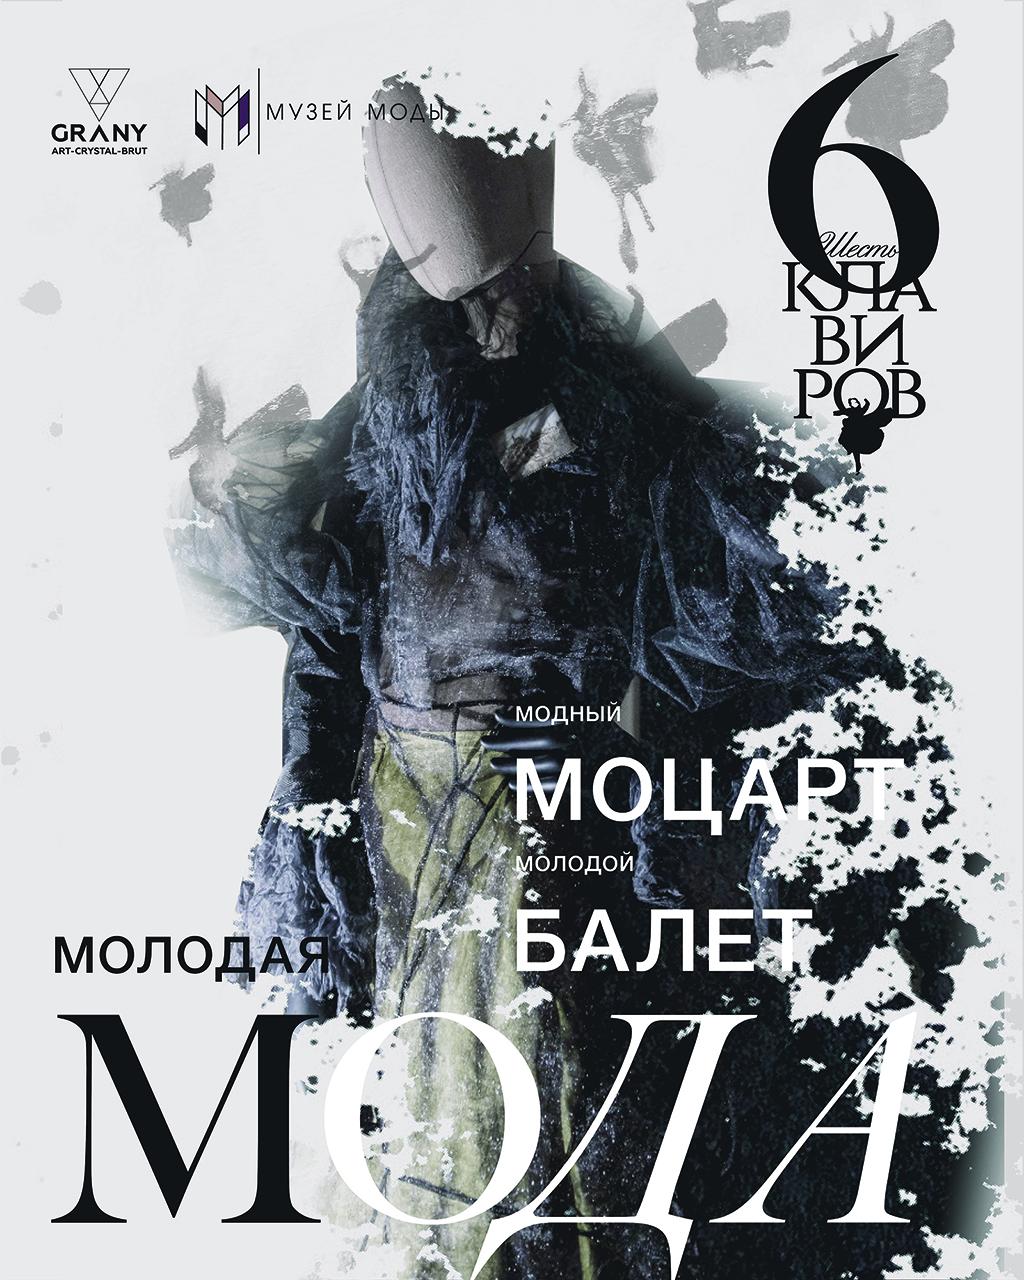 Выставка «Вечно модный Моцарт. Вечно молодой Балет. Вечно молодая Мода»